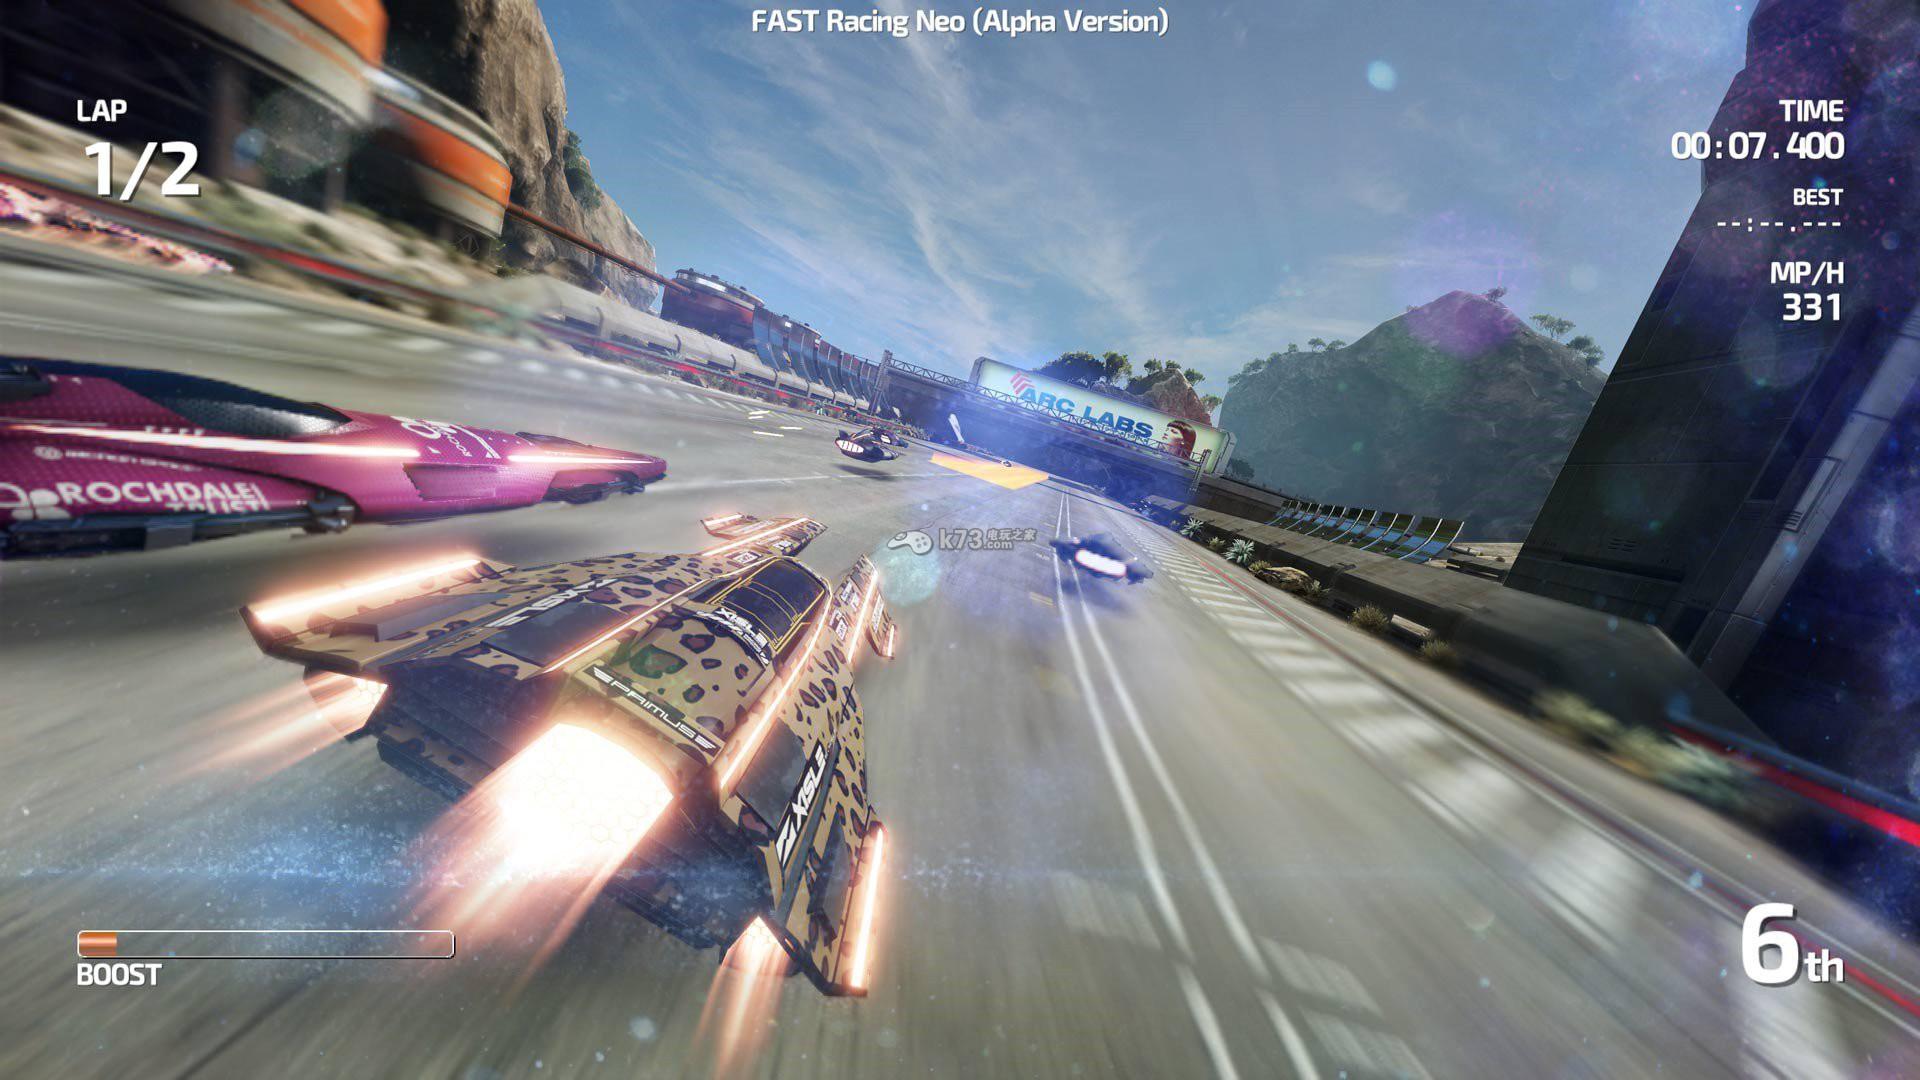 《极速赛车neo》2015年末发售 支持1-4人联机